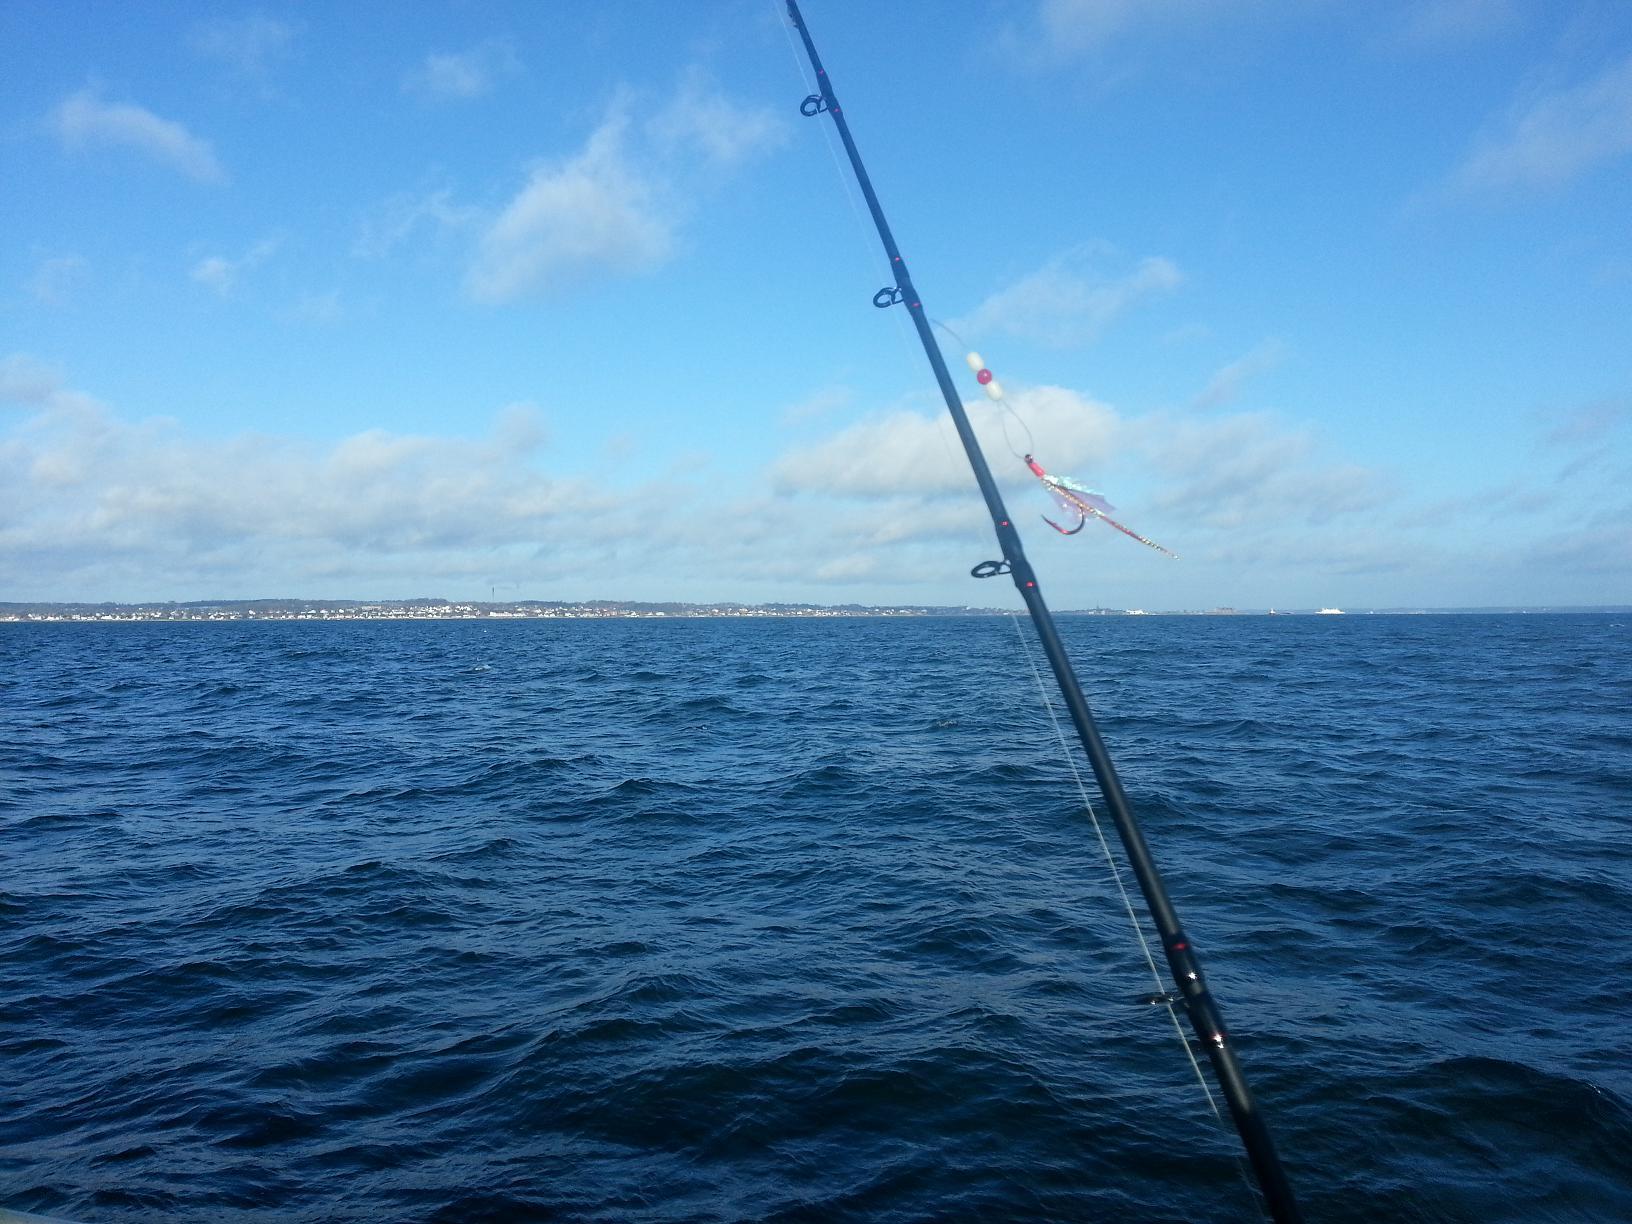 kystfiskeri efter fladfisk